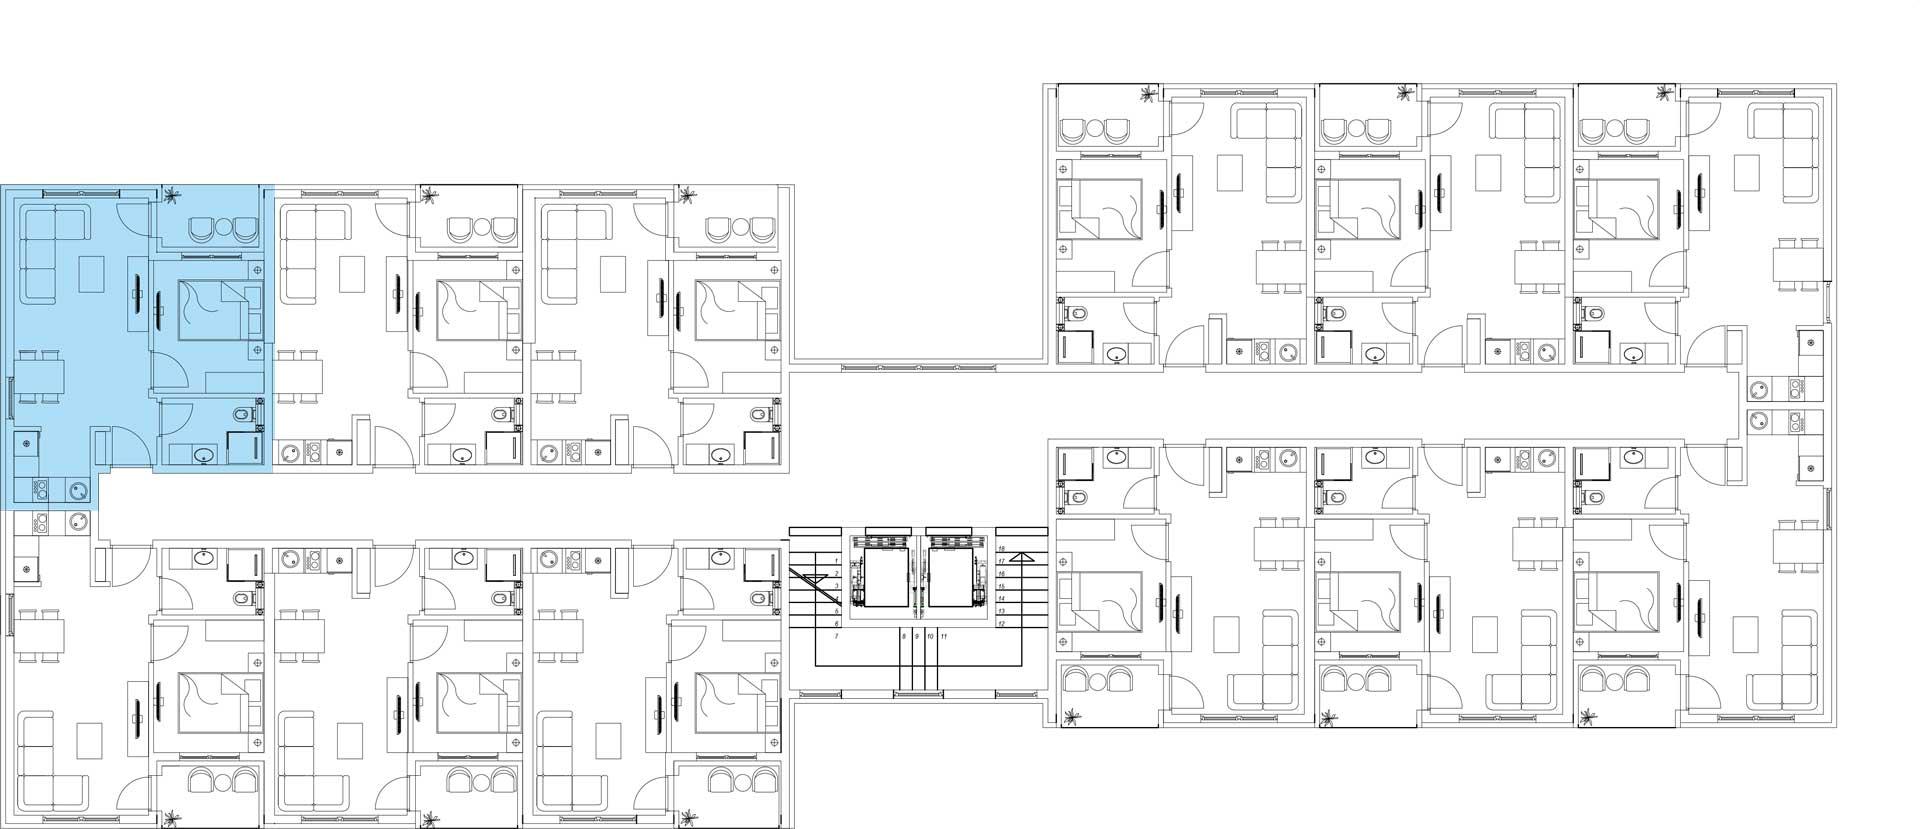 Orjentacija-stambenih-jedinica--15,-27,-39,-51,-63,-75,-87